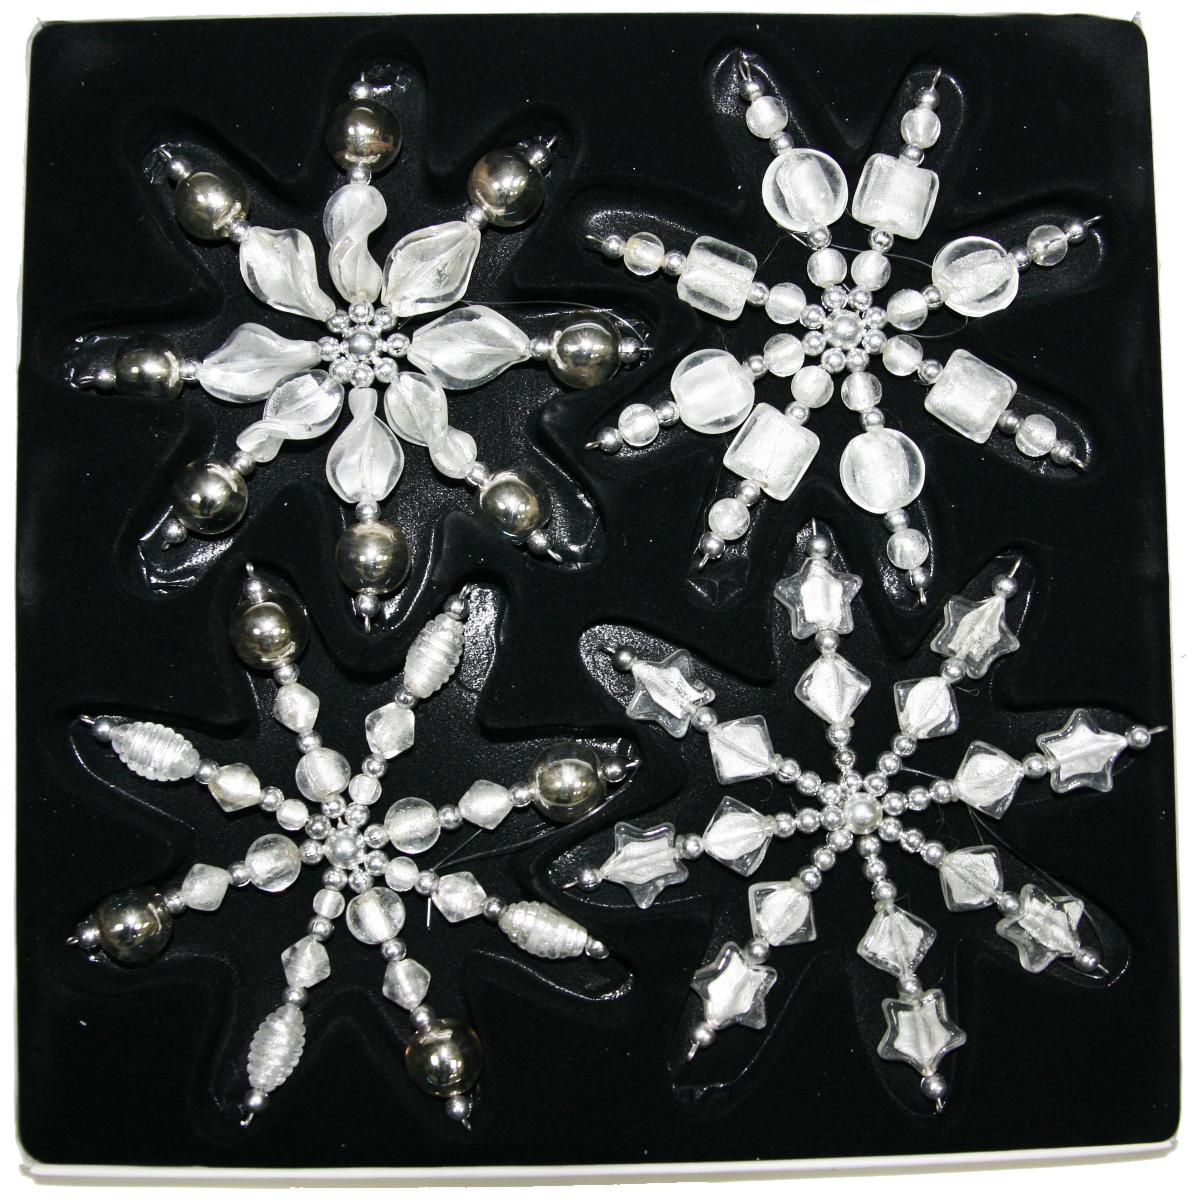 Подвесы декоративные Lovemark Снежинки, цвет: серебряный, 4 шт, 16 см4528Подвесы СНЕЖИНКИ 16см (набор 4шт.), цвет прозрачно-серебряный (стекло) Lovemark